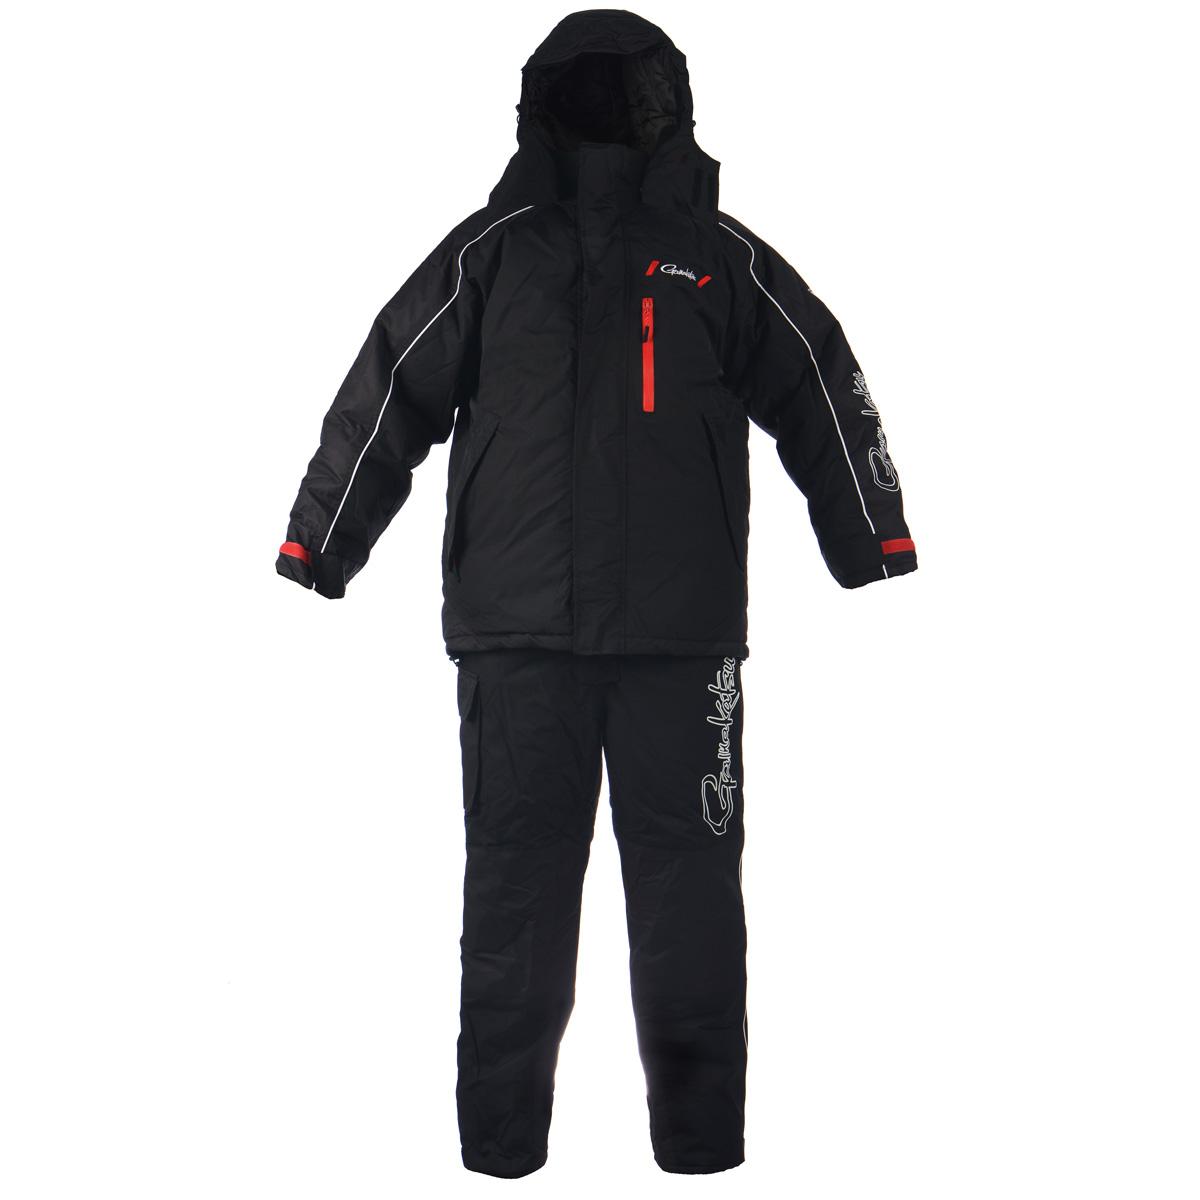 Комплект мужской Gamakatsu: куртка, полукомбинезон, цвет: черный. 0041118. Размер XL (52/54)